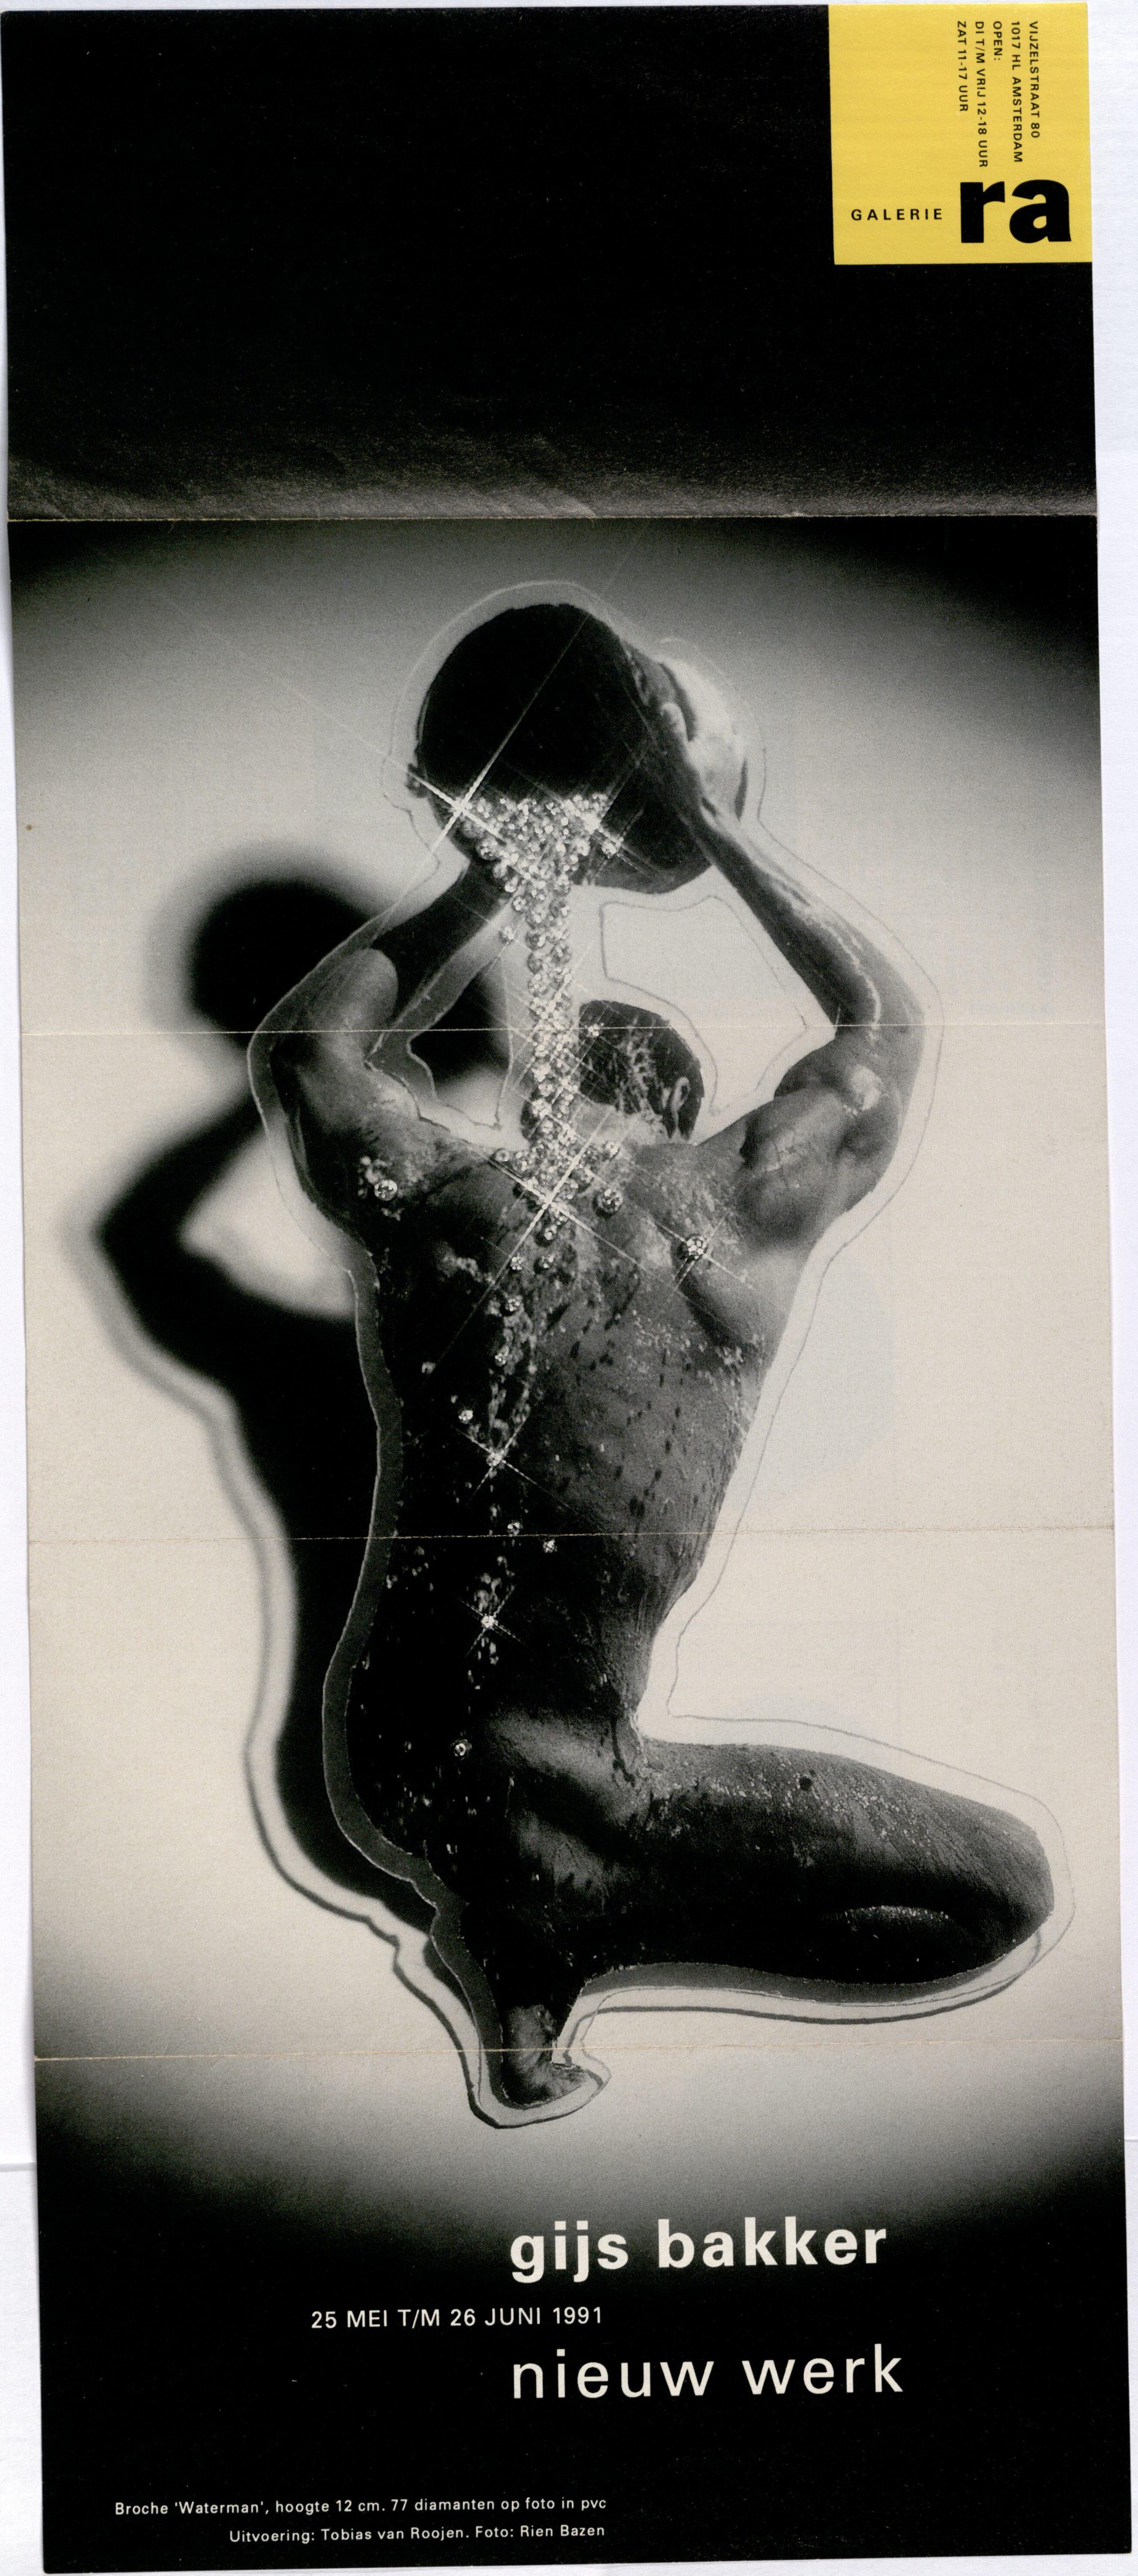 Ra Bulletin 62, mei/juni 1991, voorzijde met foto van Rien Bazen met broche van Gijs Bakker, drukwerk, papier, gelamineerd papier, pvc, diamanten